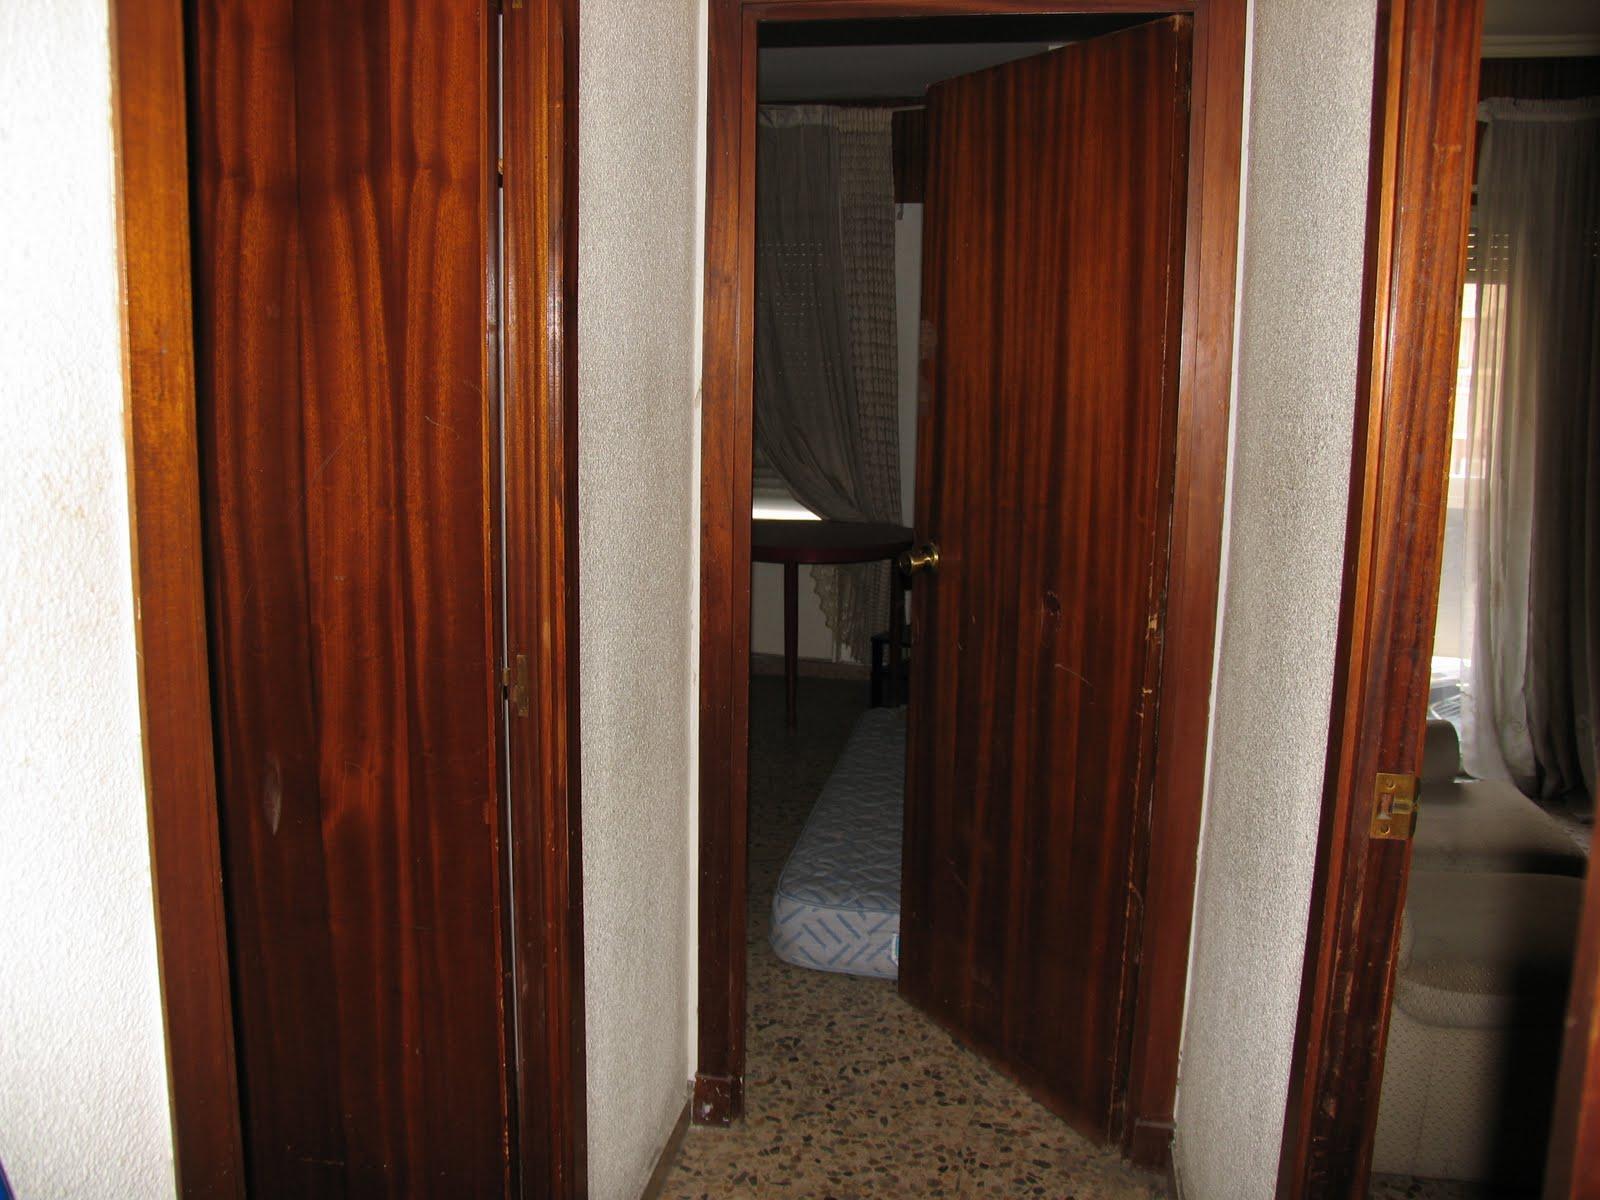 Esp ritu chamarilero lacar puertas en blanco y cambiar for De que color puedo pintar los marcos de las puertas